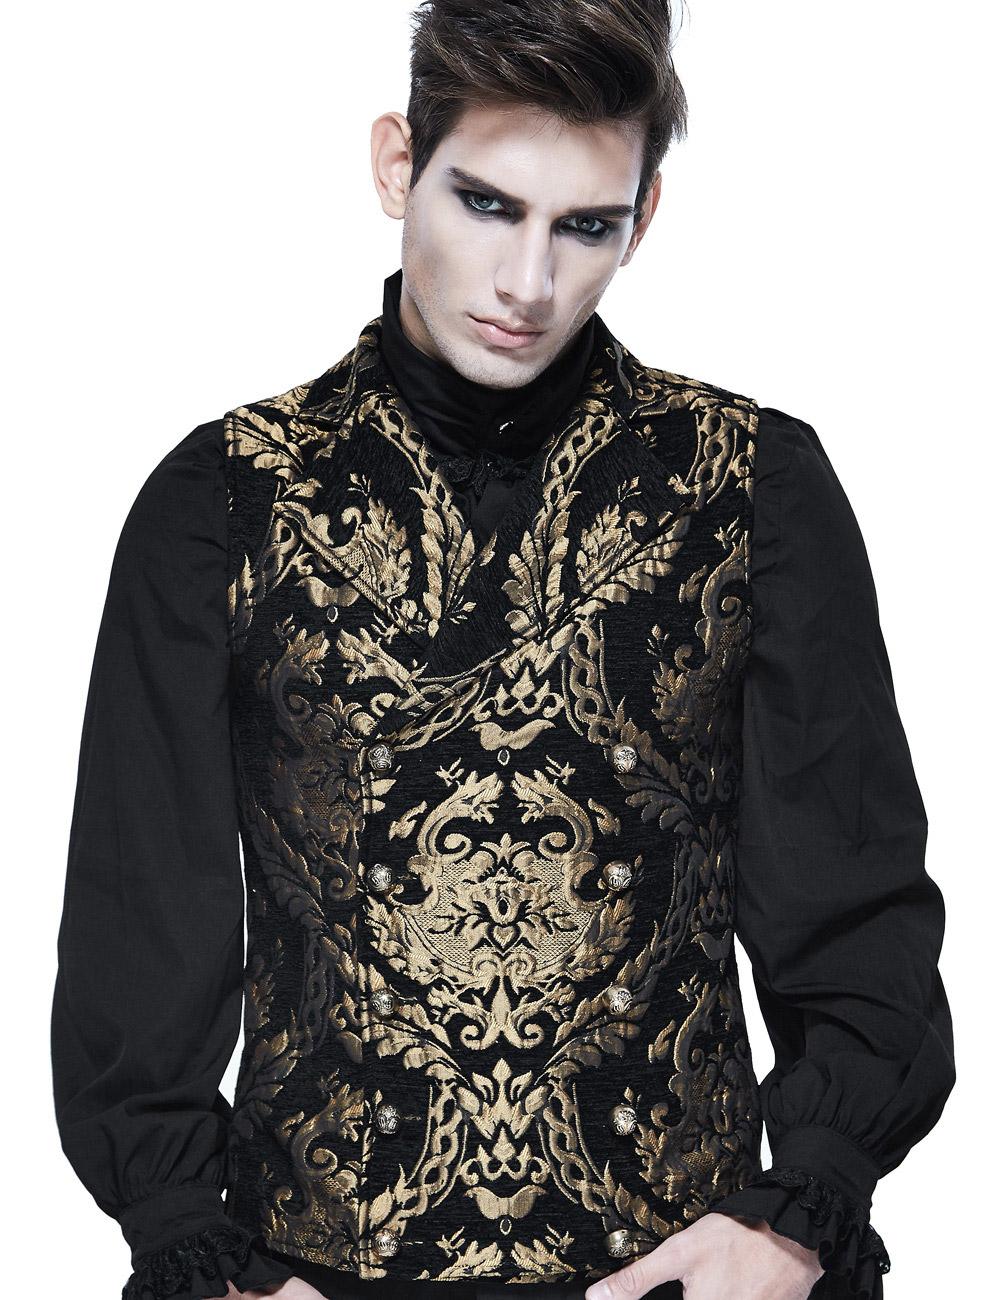 Veste homme sans manches noire avec motifs baroques dorés brodés, c Devil Fashio